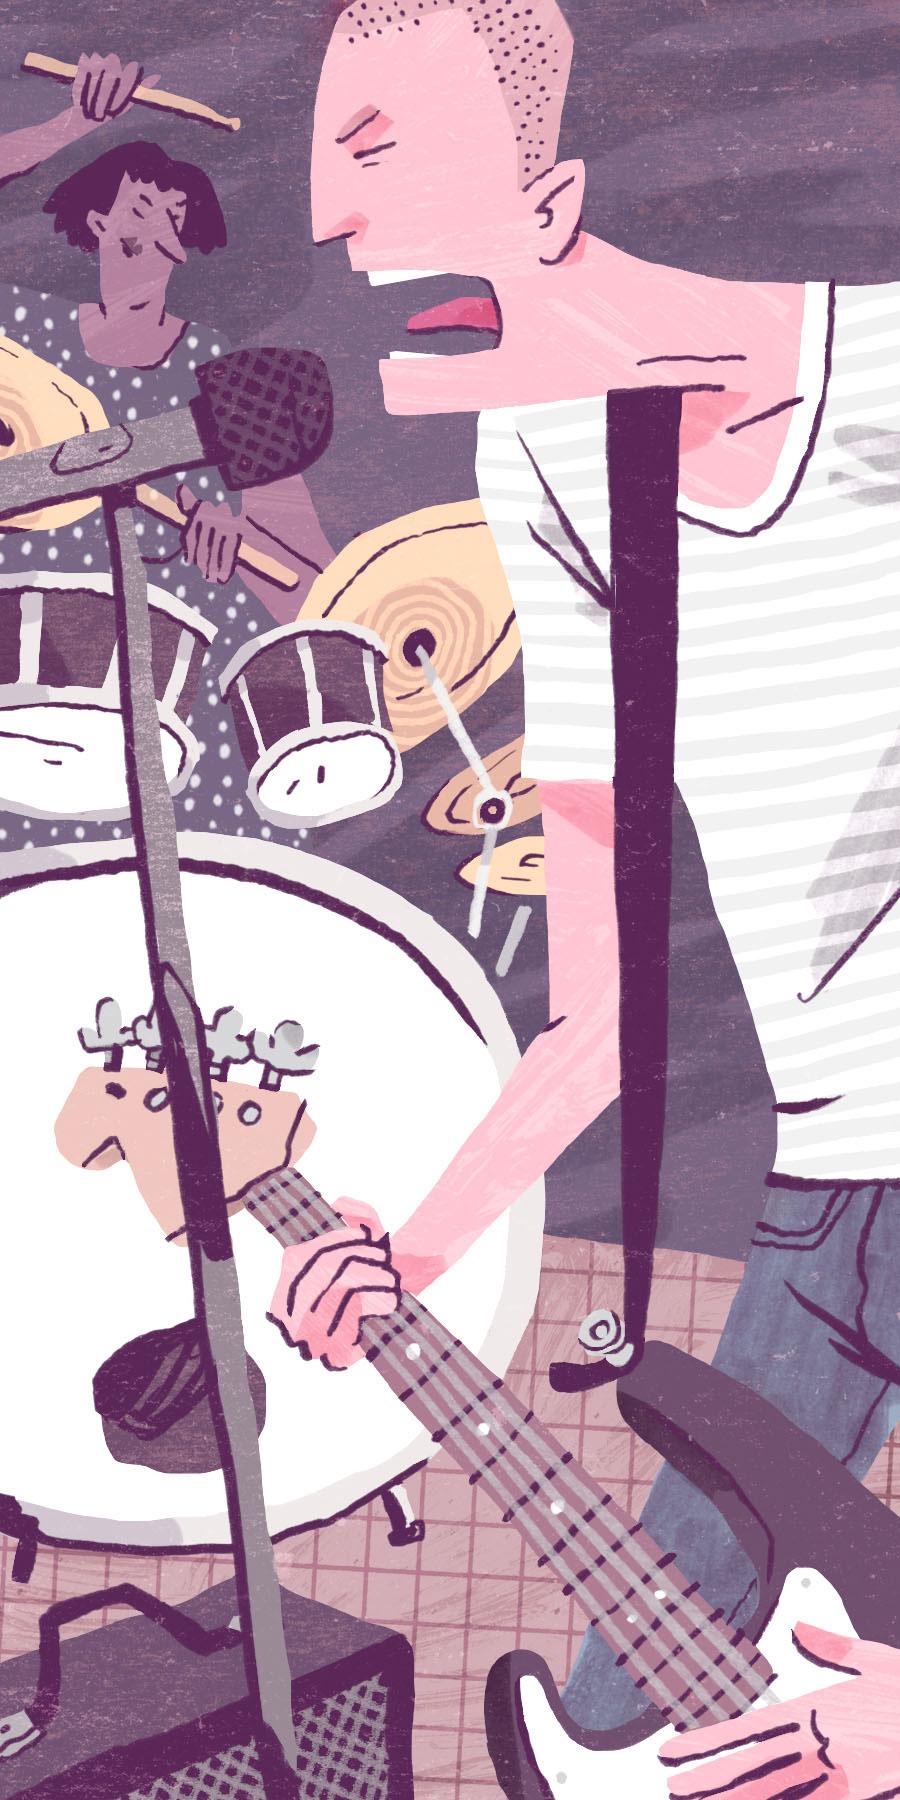 Garage Band - Self-directed illustration